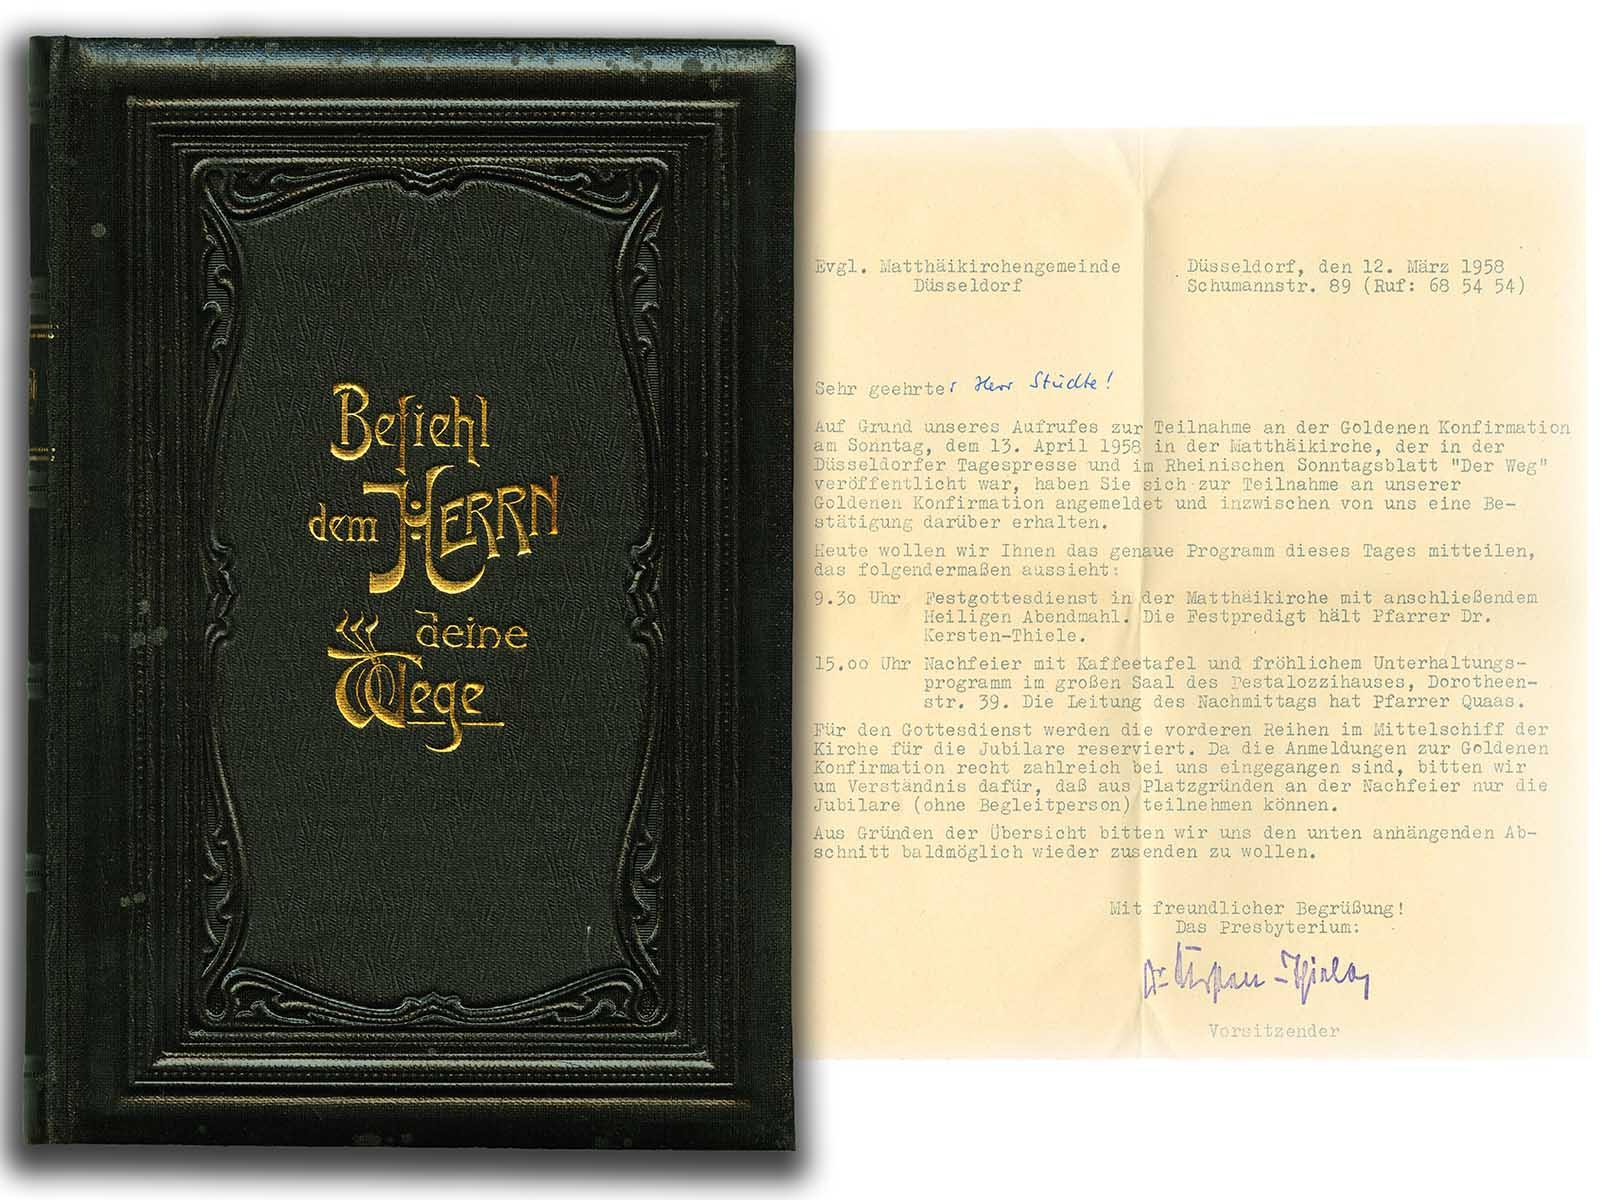 Einladung zur goldenen Konfirmation 1958: Gesangbuch für die evangelisch-lutherische Kirche des Herzogtums Braunschweig vom Jahre 1902 ; aus Bestand : AEKR Düsseldorf Biblitohek Hh499